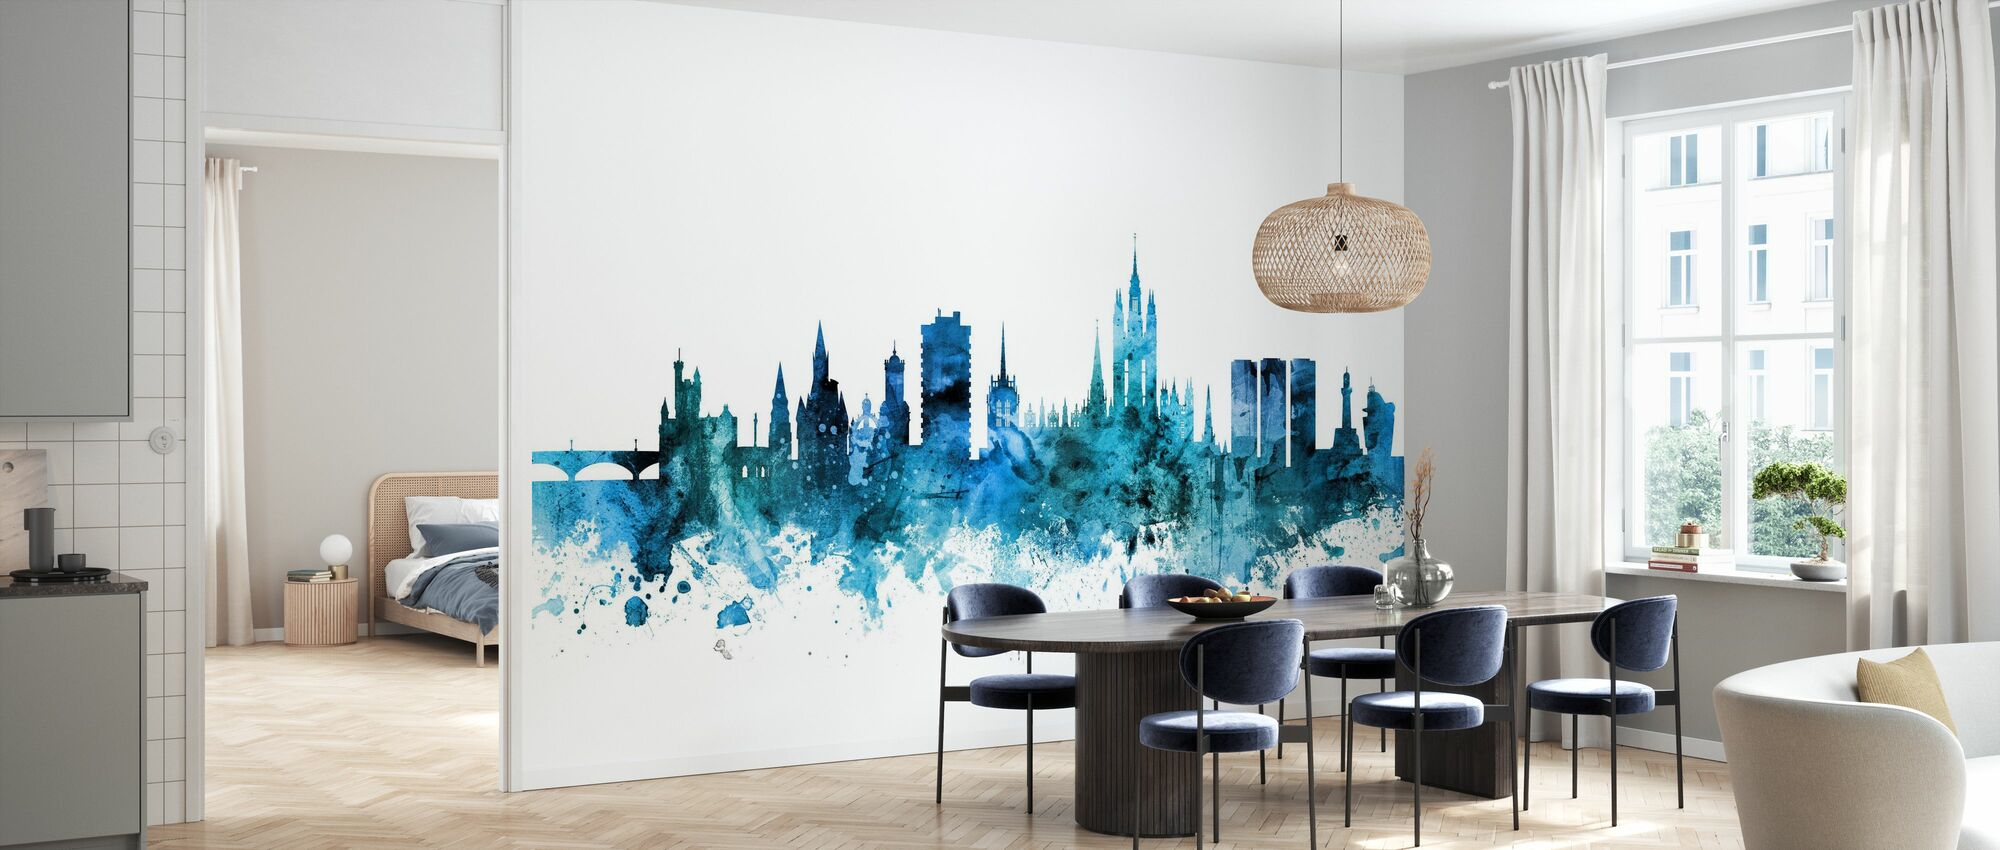 Aberdeen Scotland Skyline - Wallpaper - Kitchen